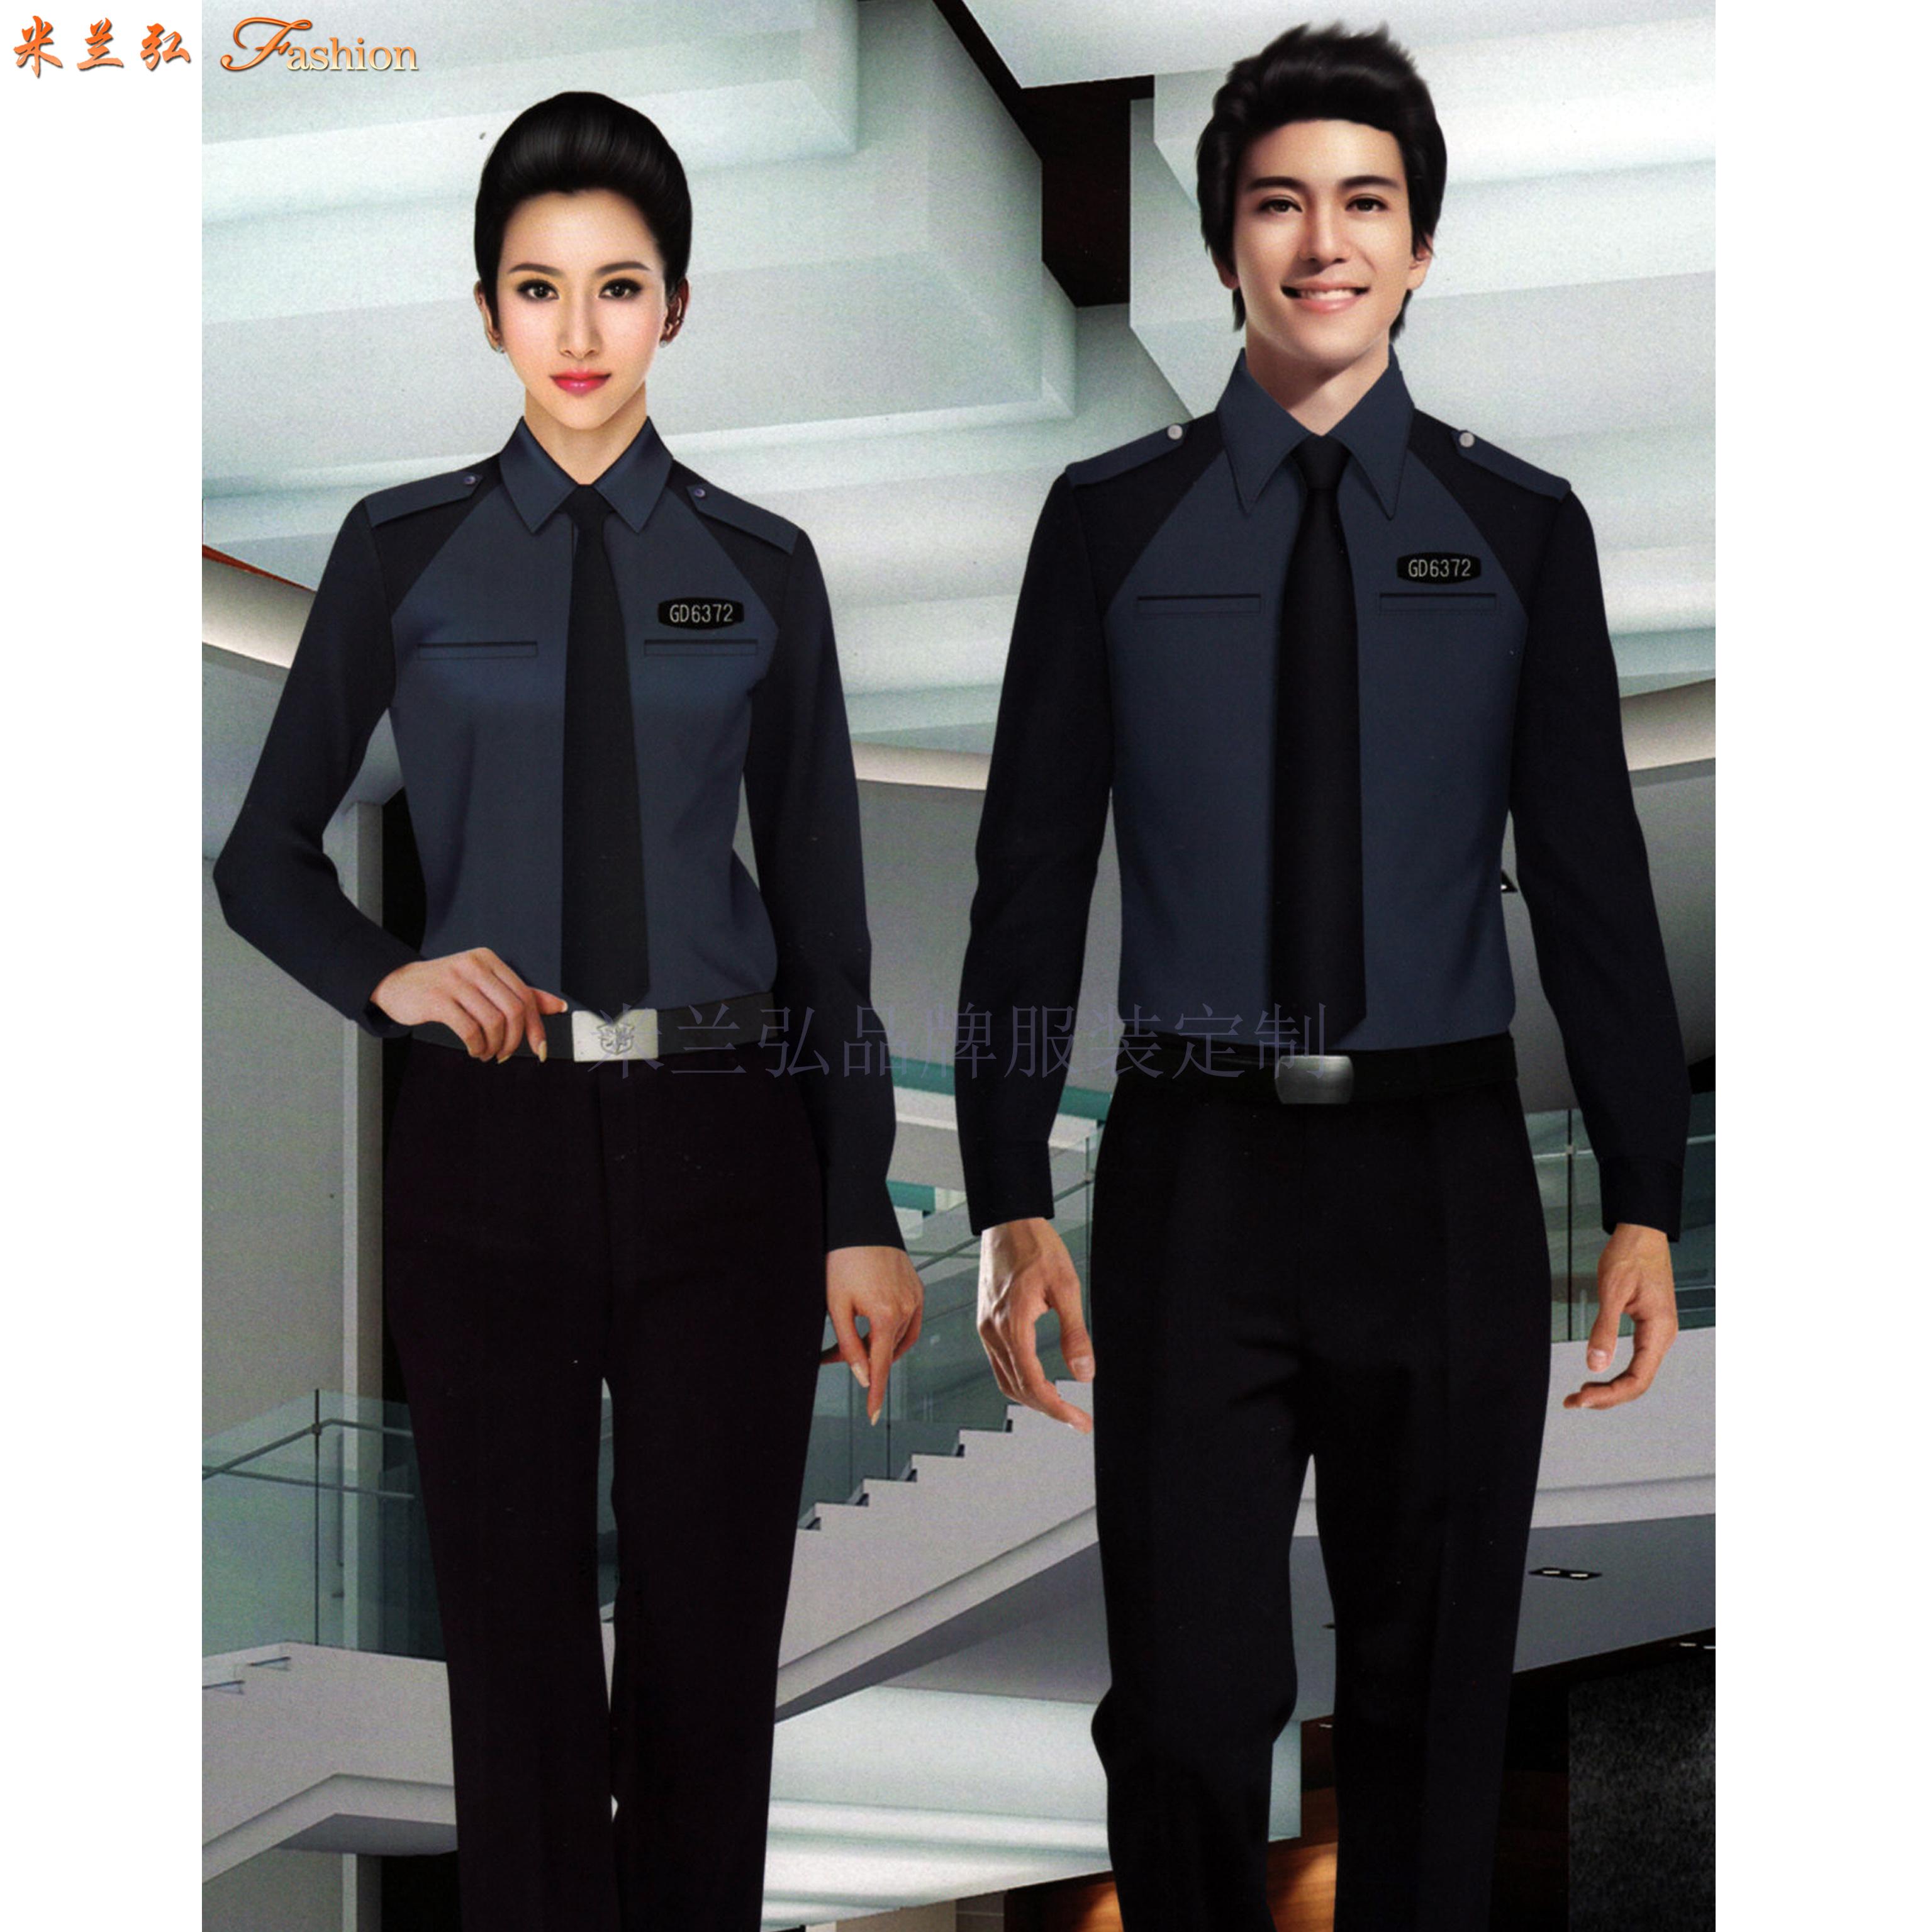 物業保安工作服訂做-物業安保部制服定做-米蘭弘廠家-2